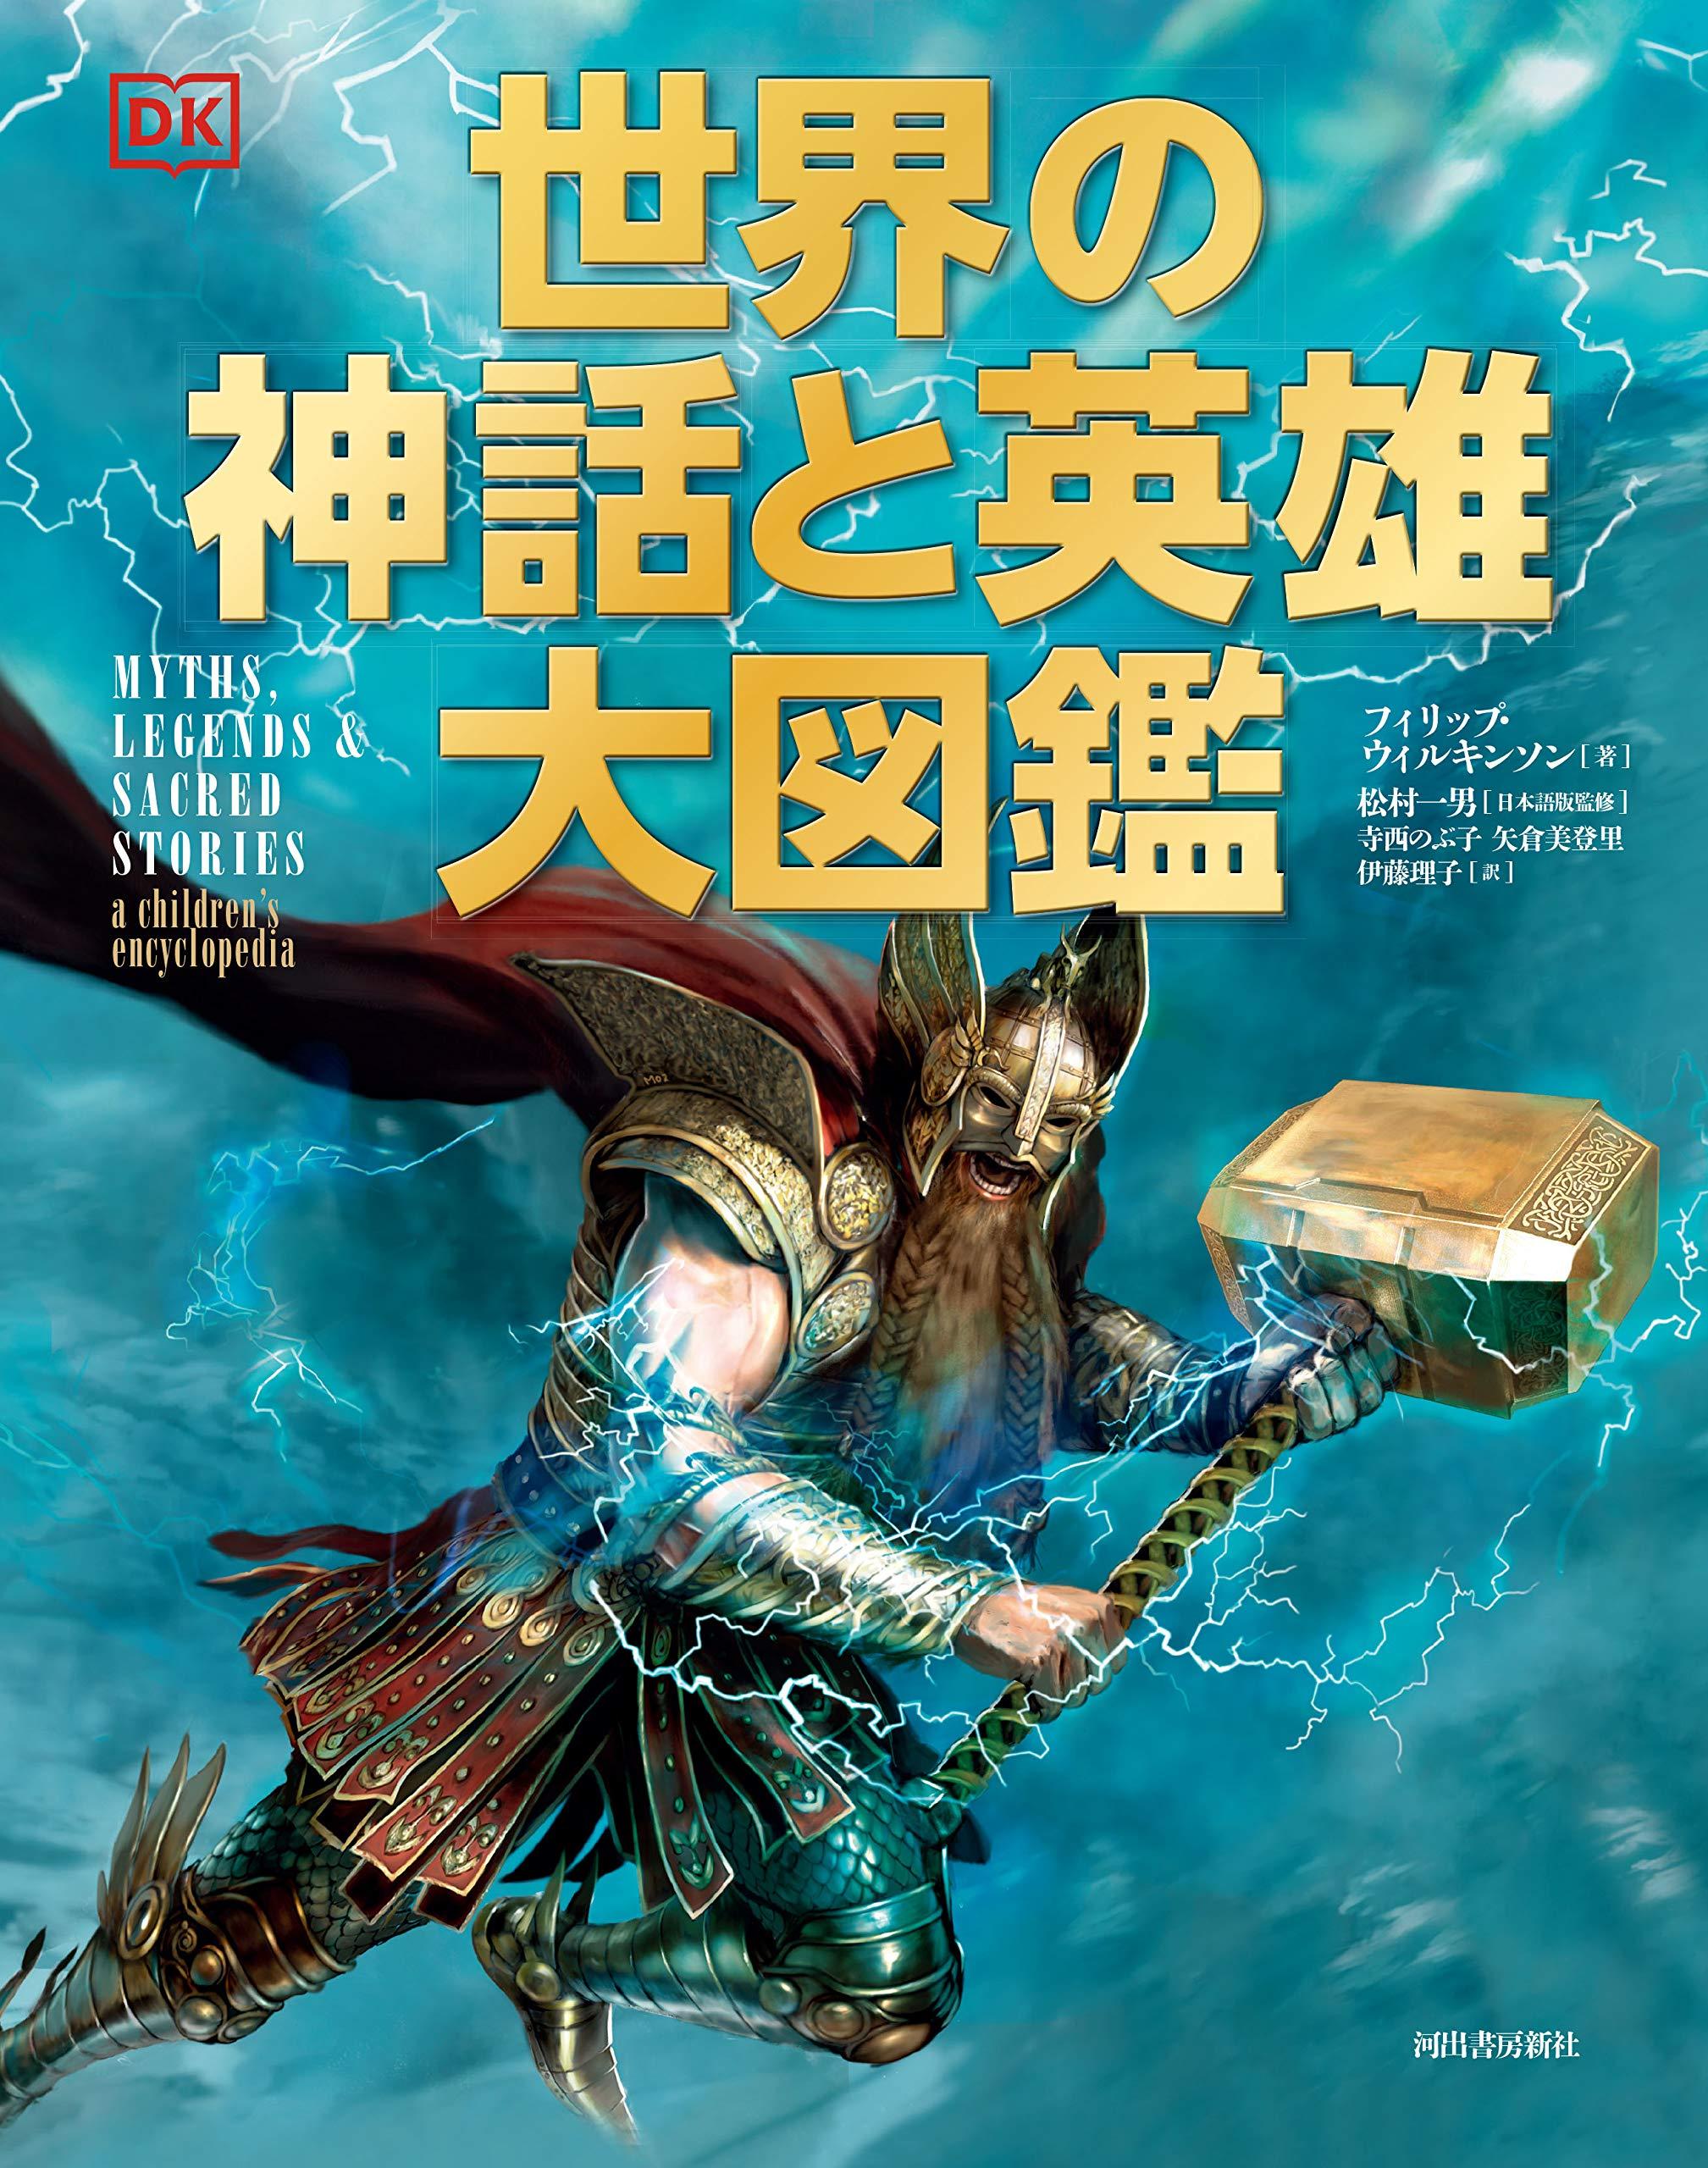 騎士、勇者、魔法使い……胸躍る物語がぎっしりつまった『世界の神話と英雄大図鑑』発売!